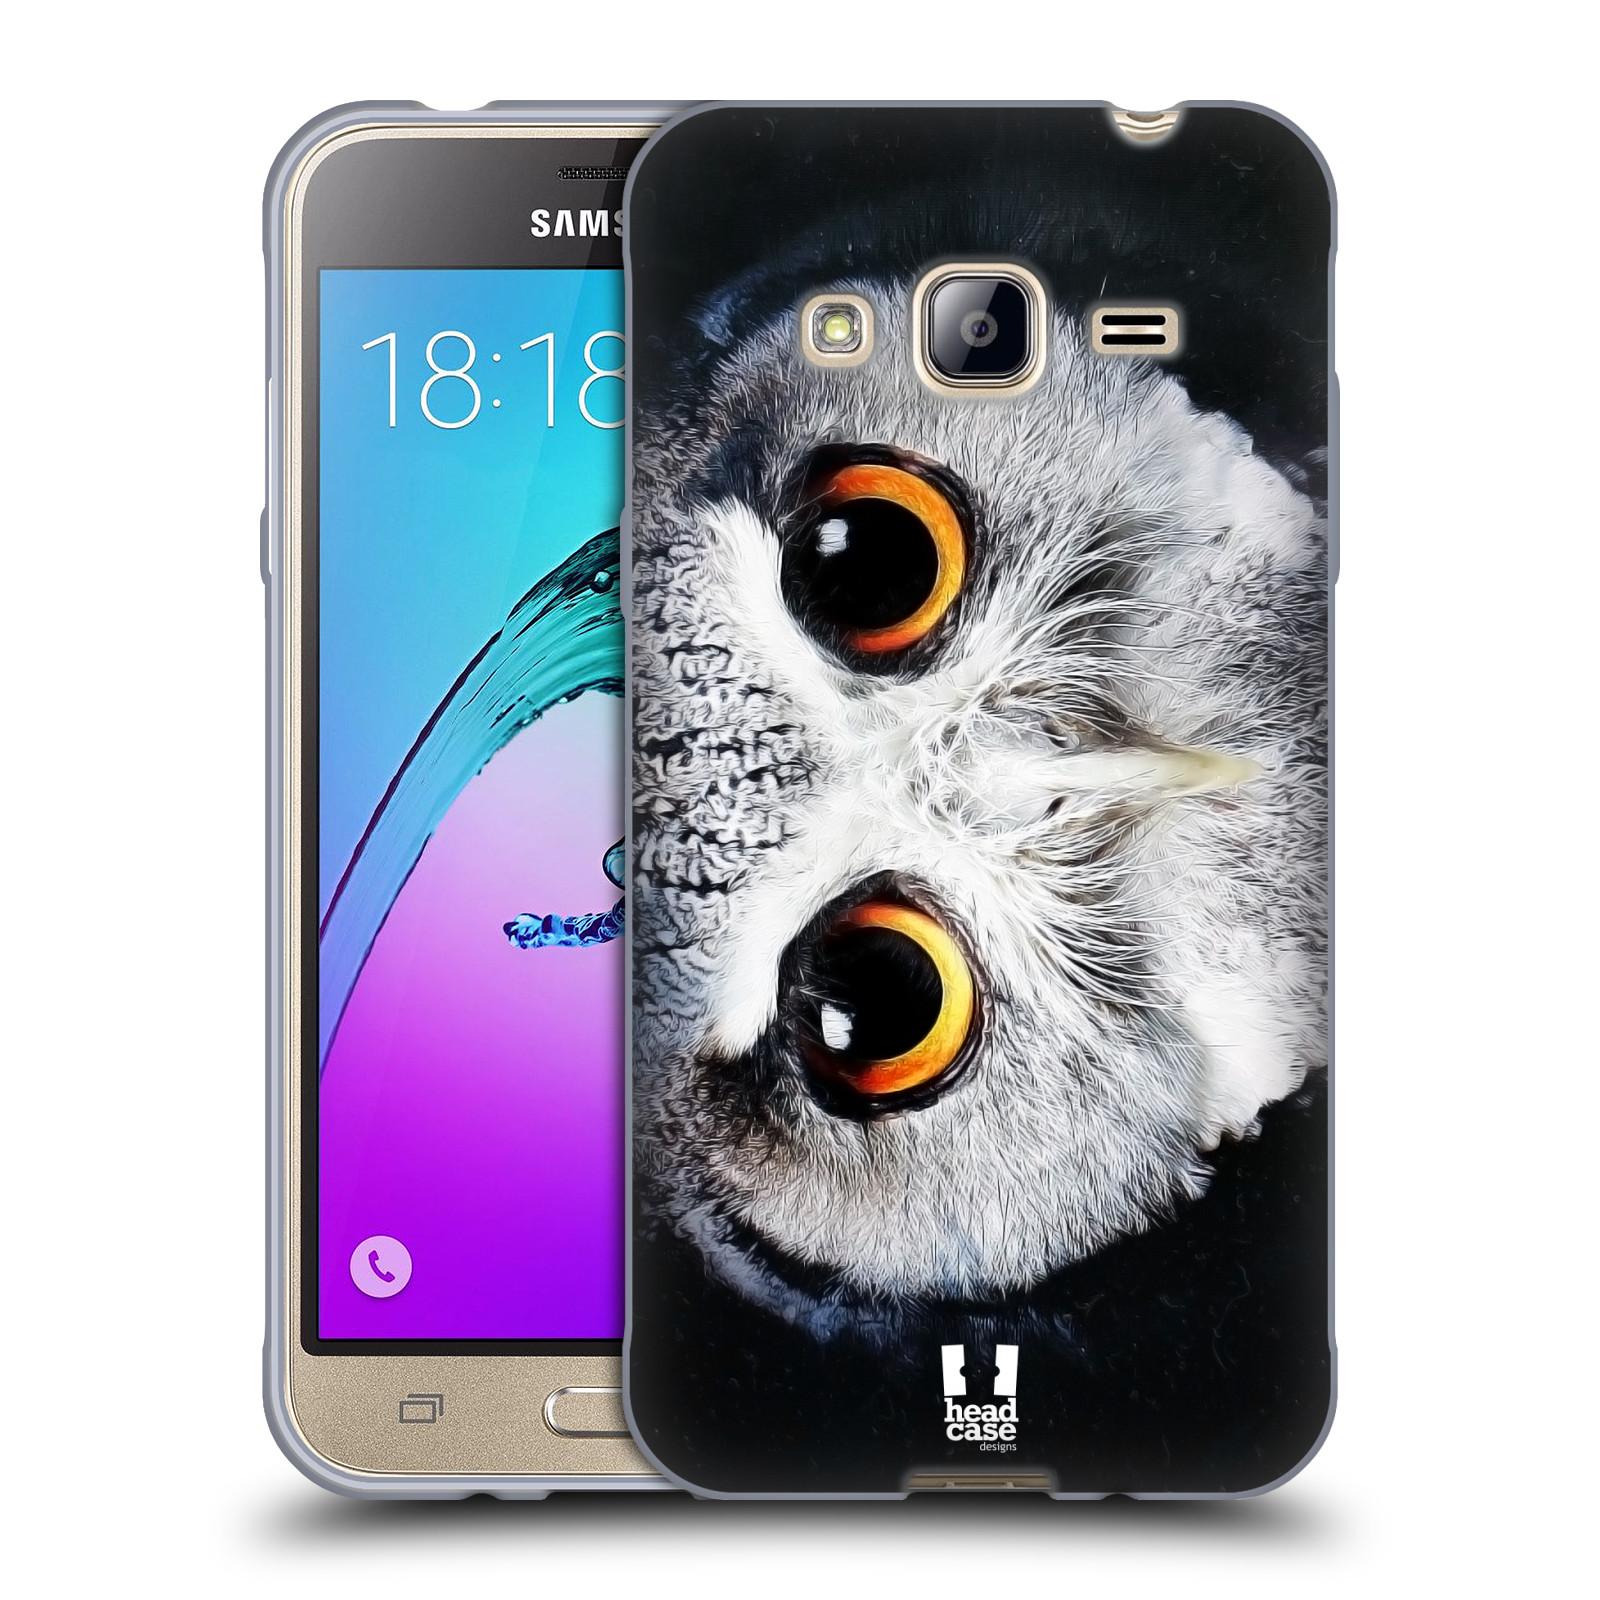 HEAD CASE silikonový obal na mobil Samsung Galaxy J3, J3 2016 vzor Zvířecí tváře sova